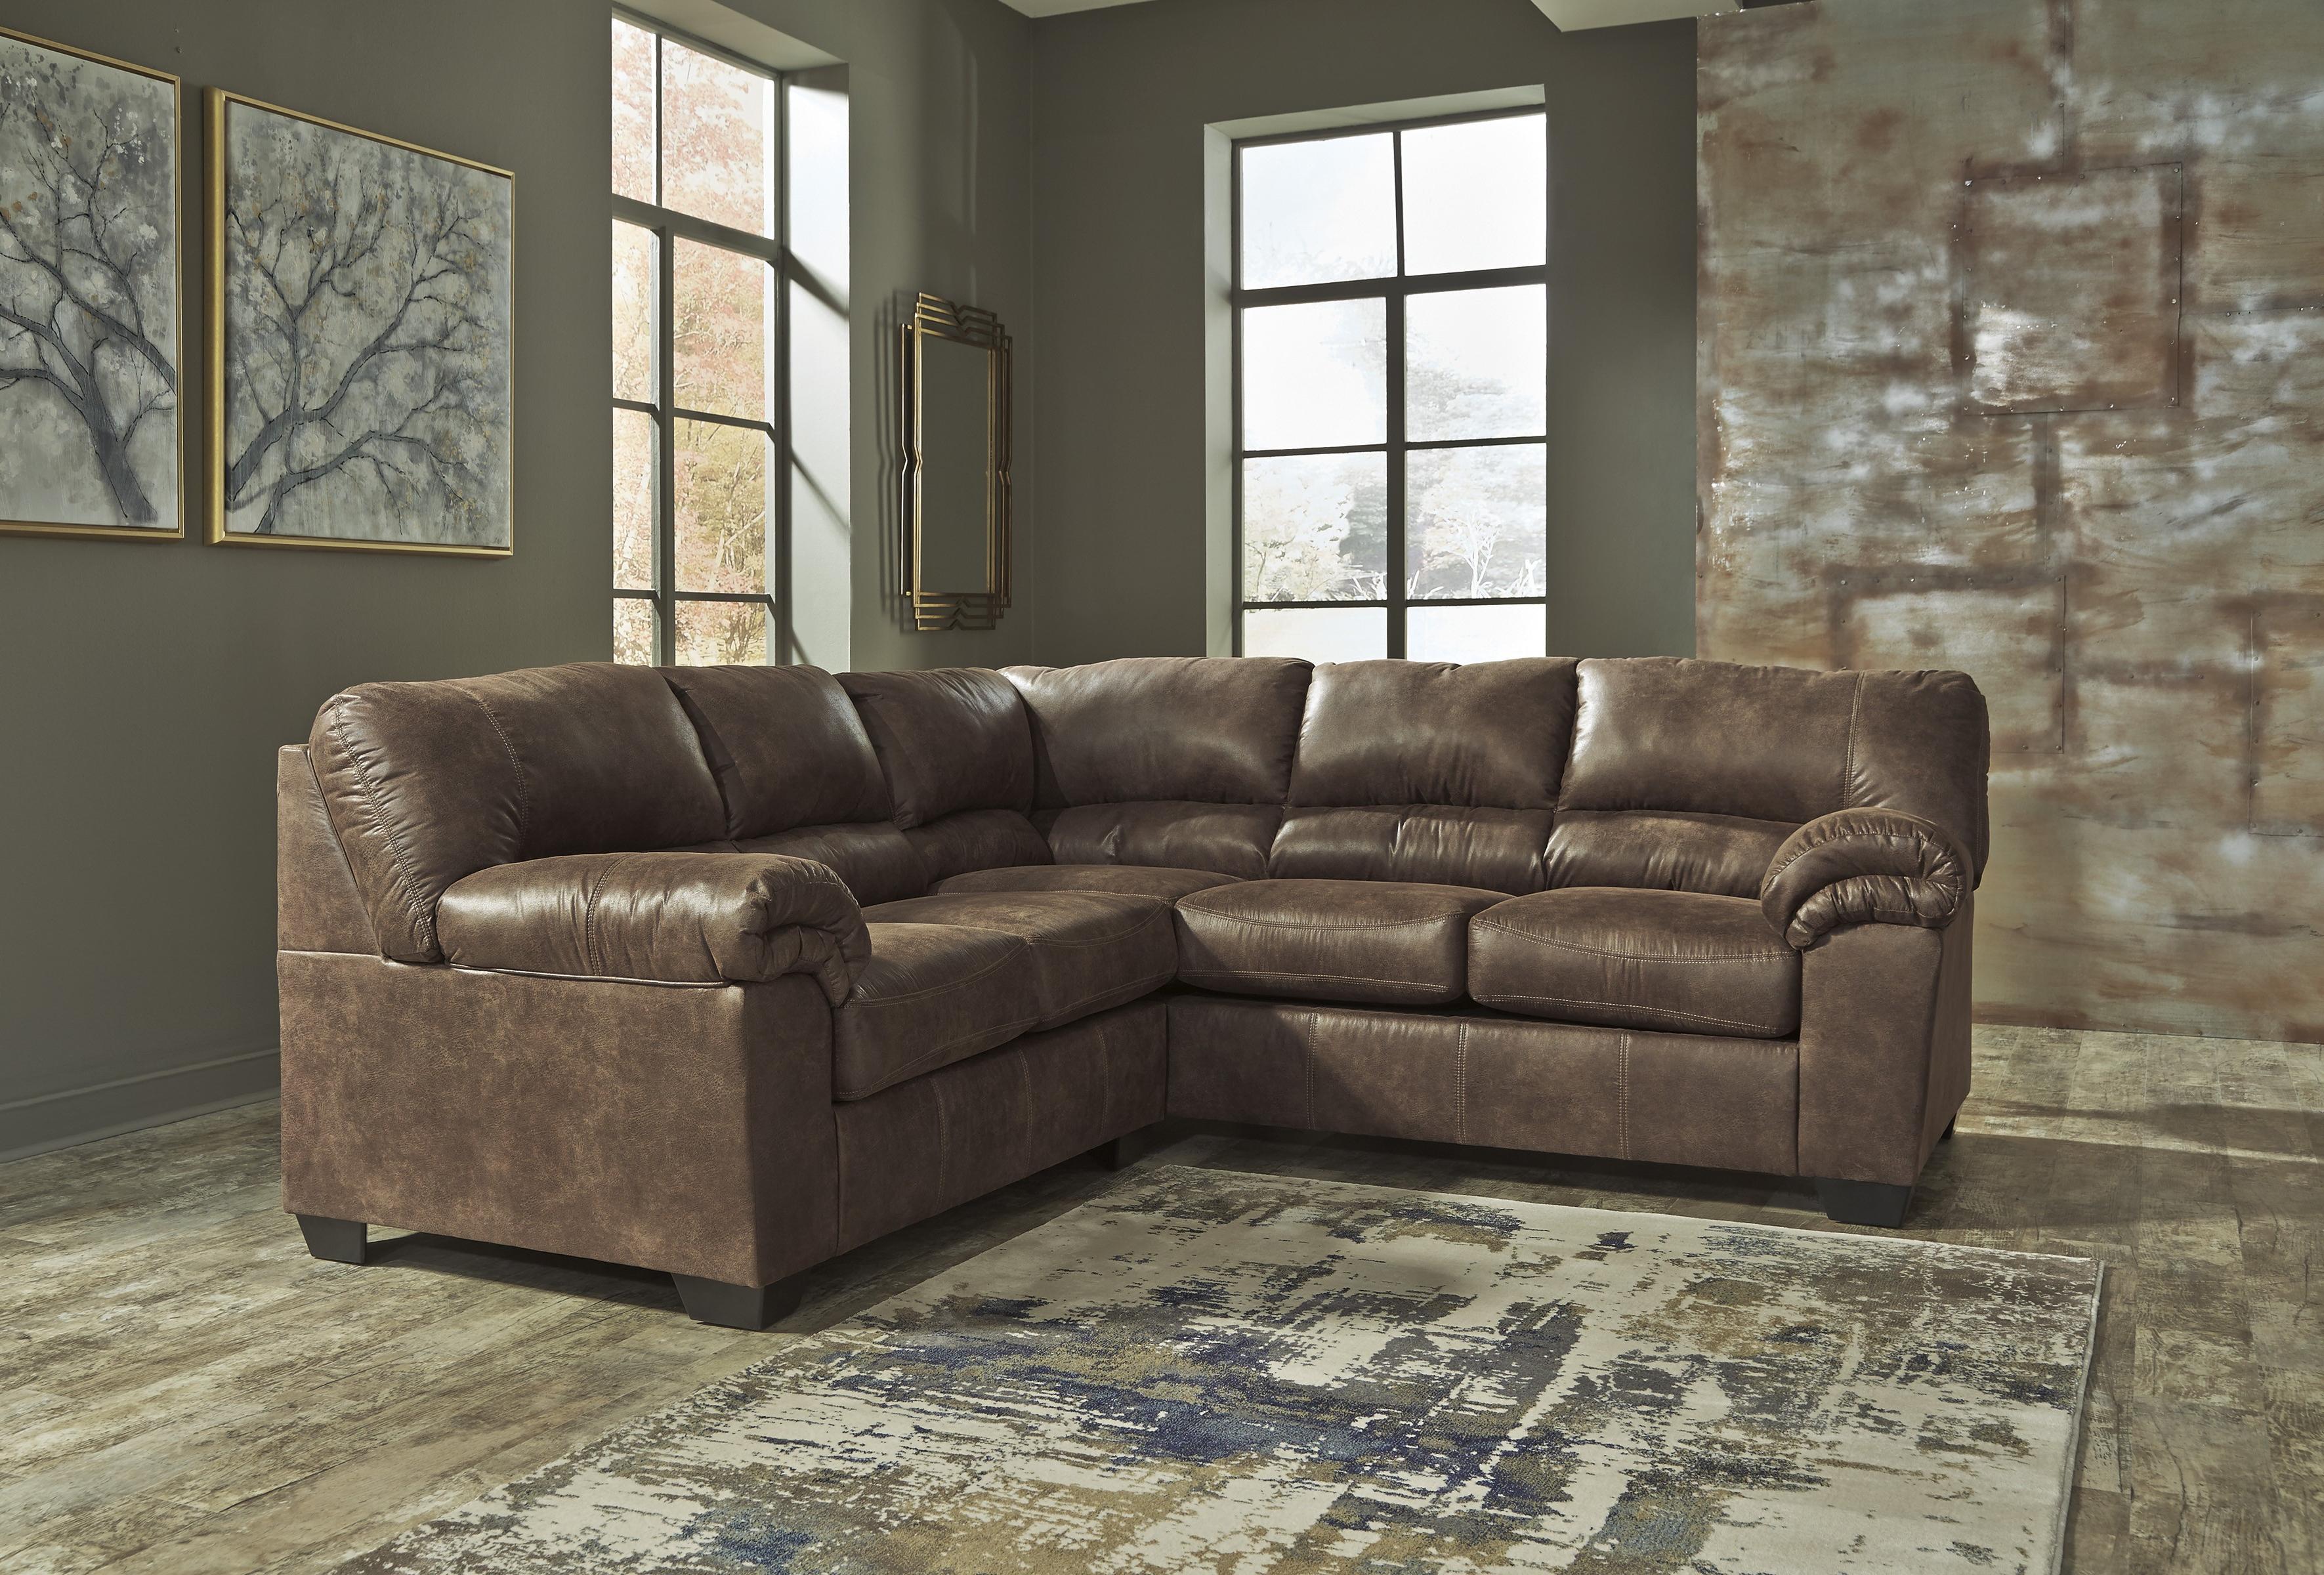 Baci Living Room (View 11 of 20)